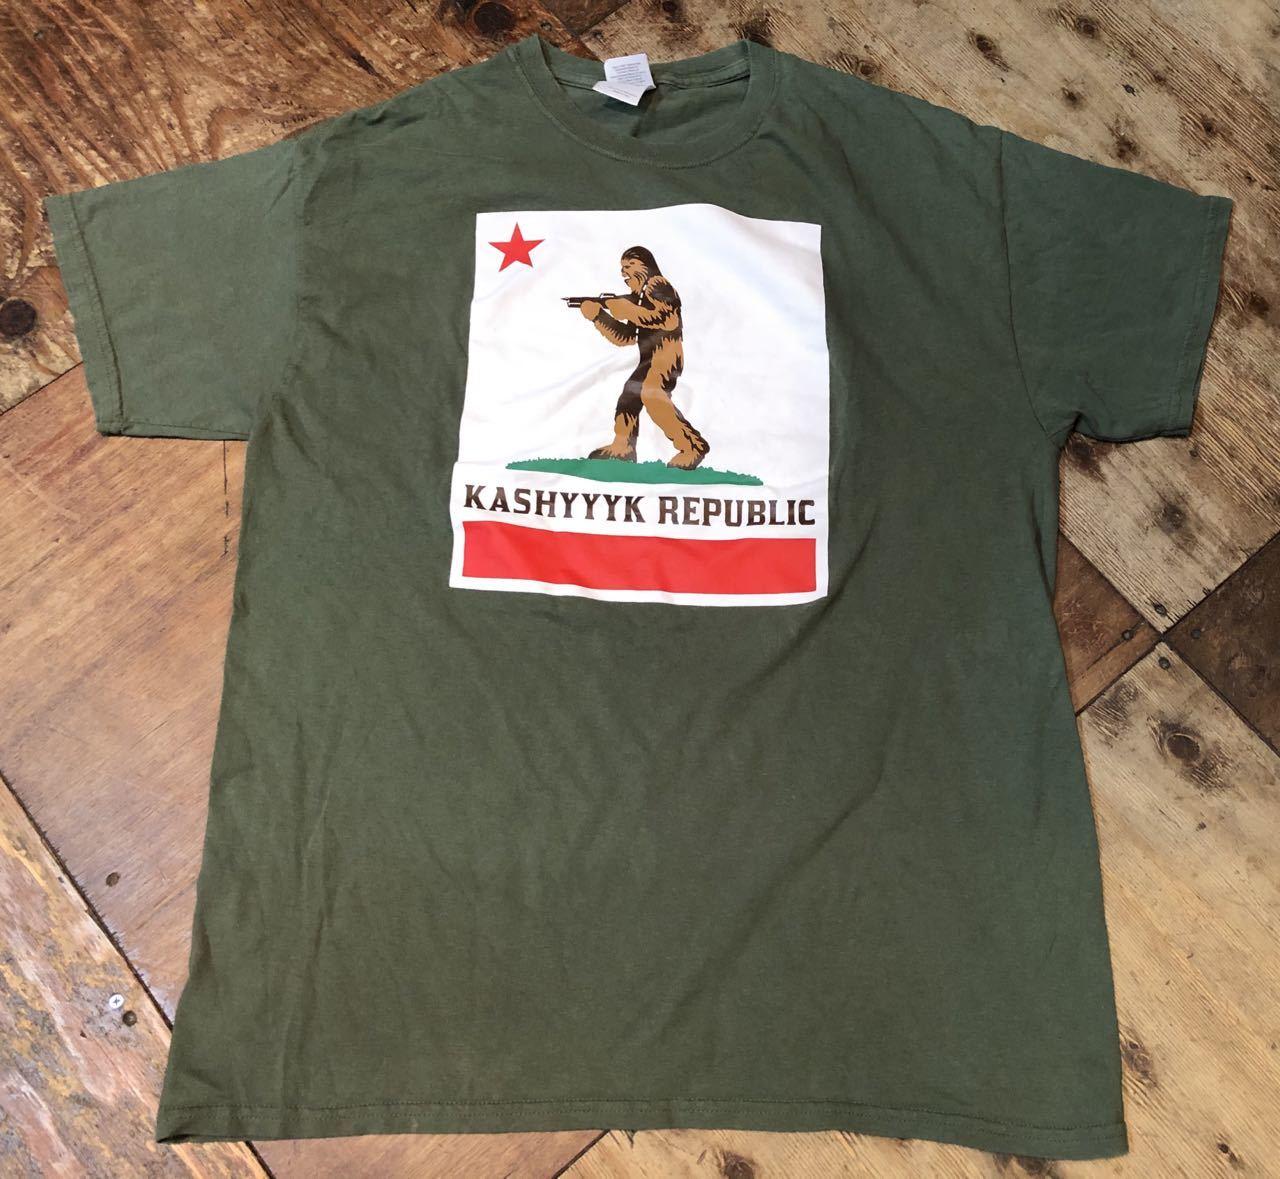 6/29(月)入荷! Carfornia Repubric パロディー STAR WARS キャッシーク共和国 KASHYYYK REPUBLIC Tシャツ!_c0144020_13055926.jpg